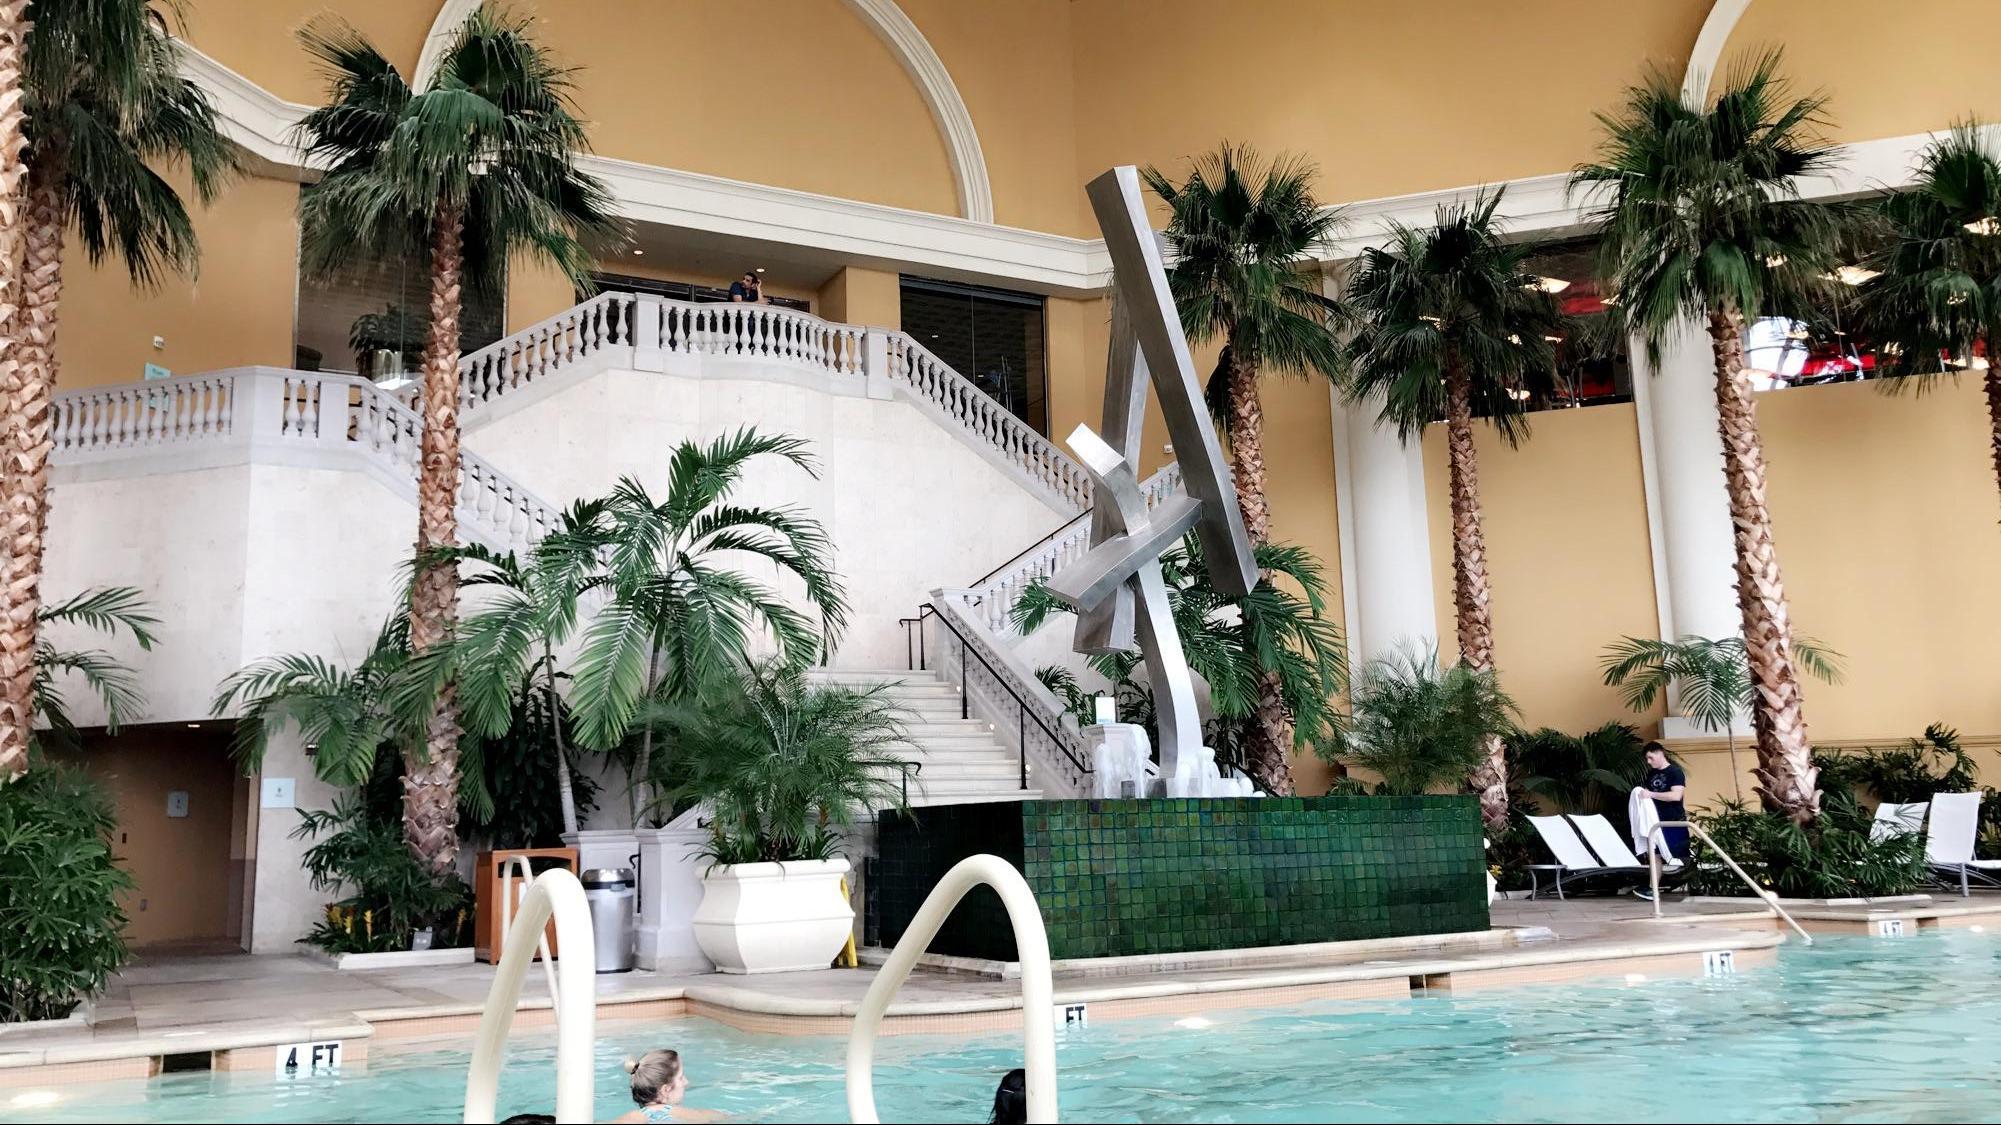 The garde pool